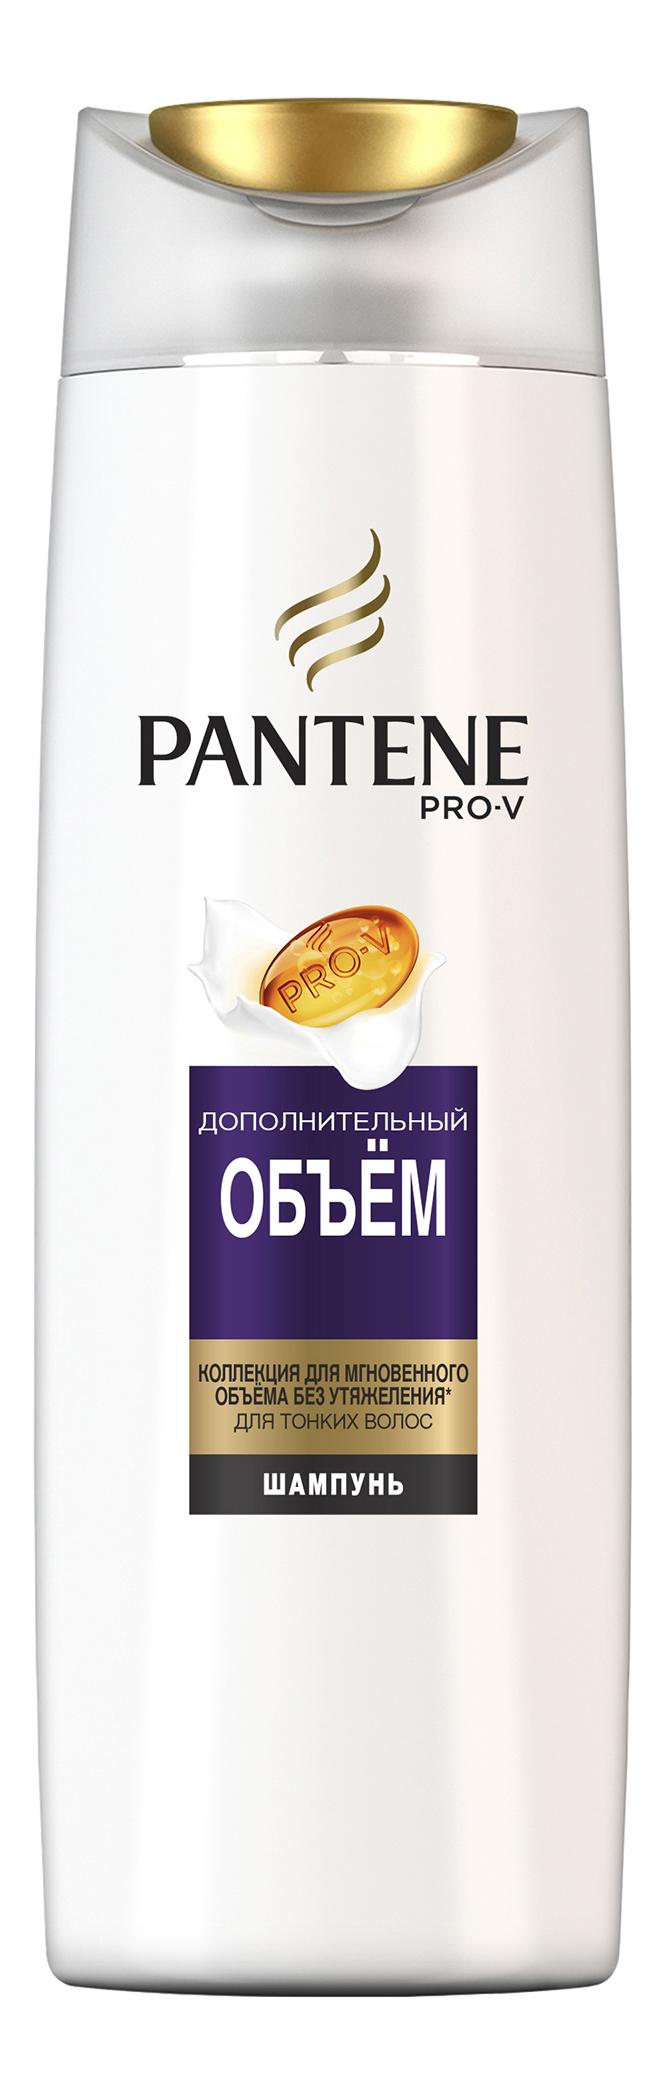 Шампунь Pantene Дополнительный объем 250 мл для тонких волос